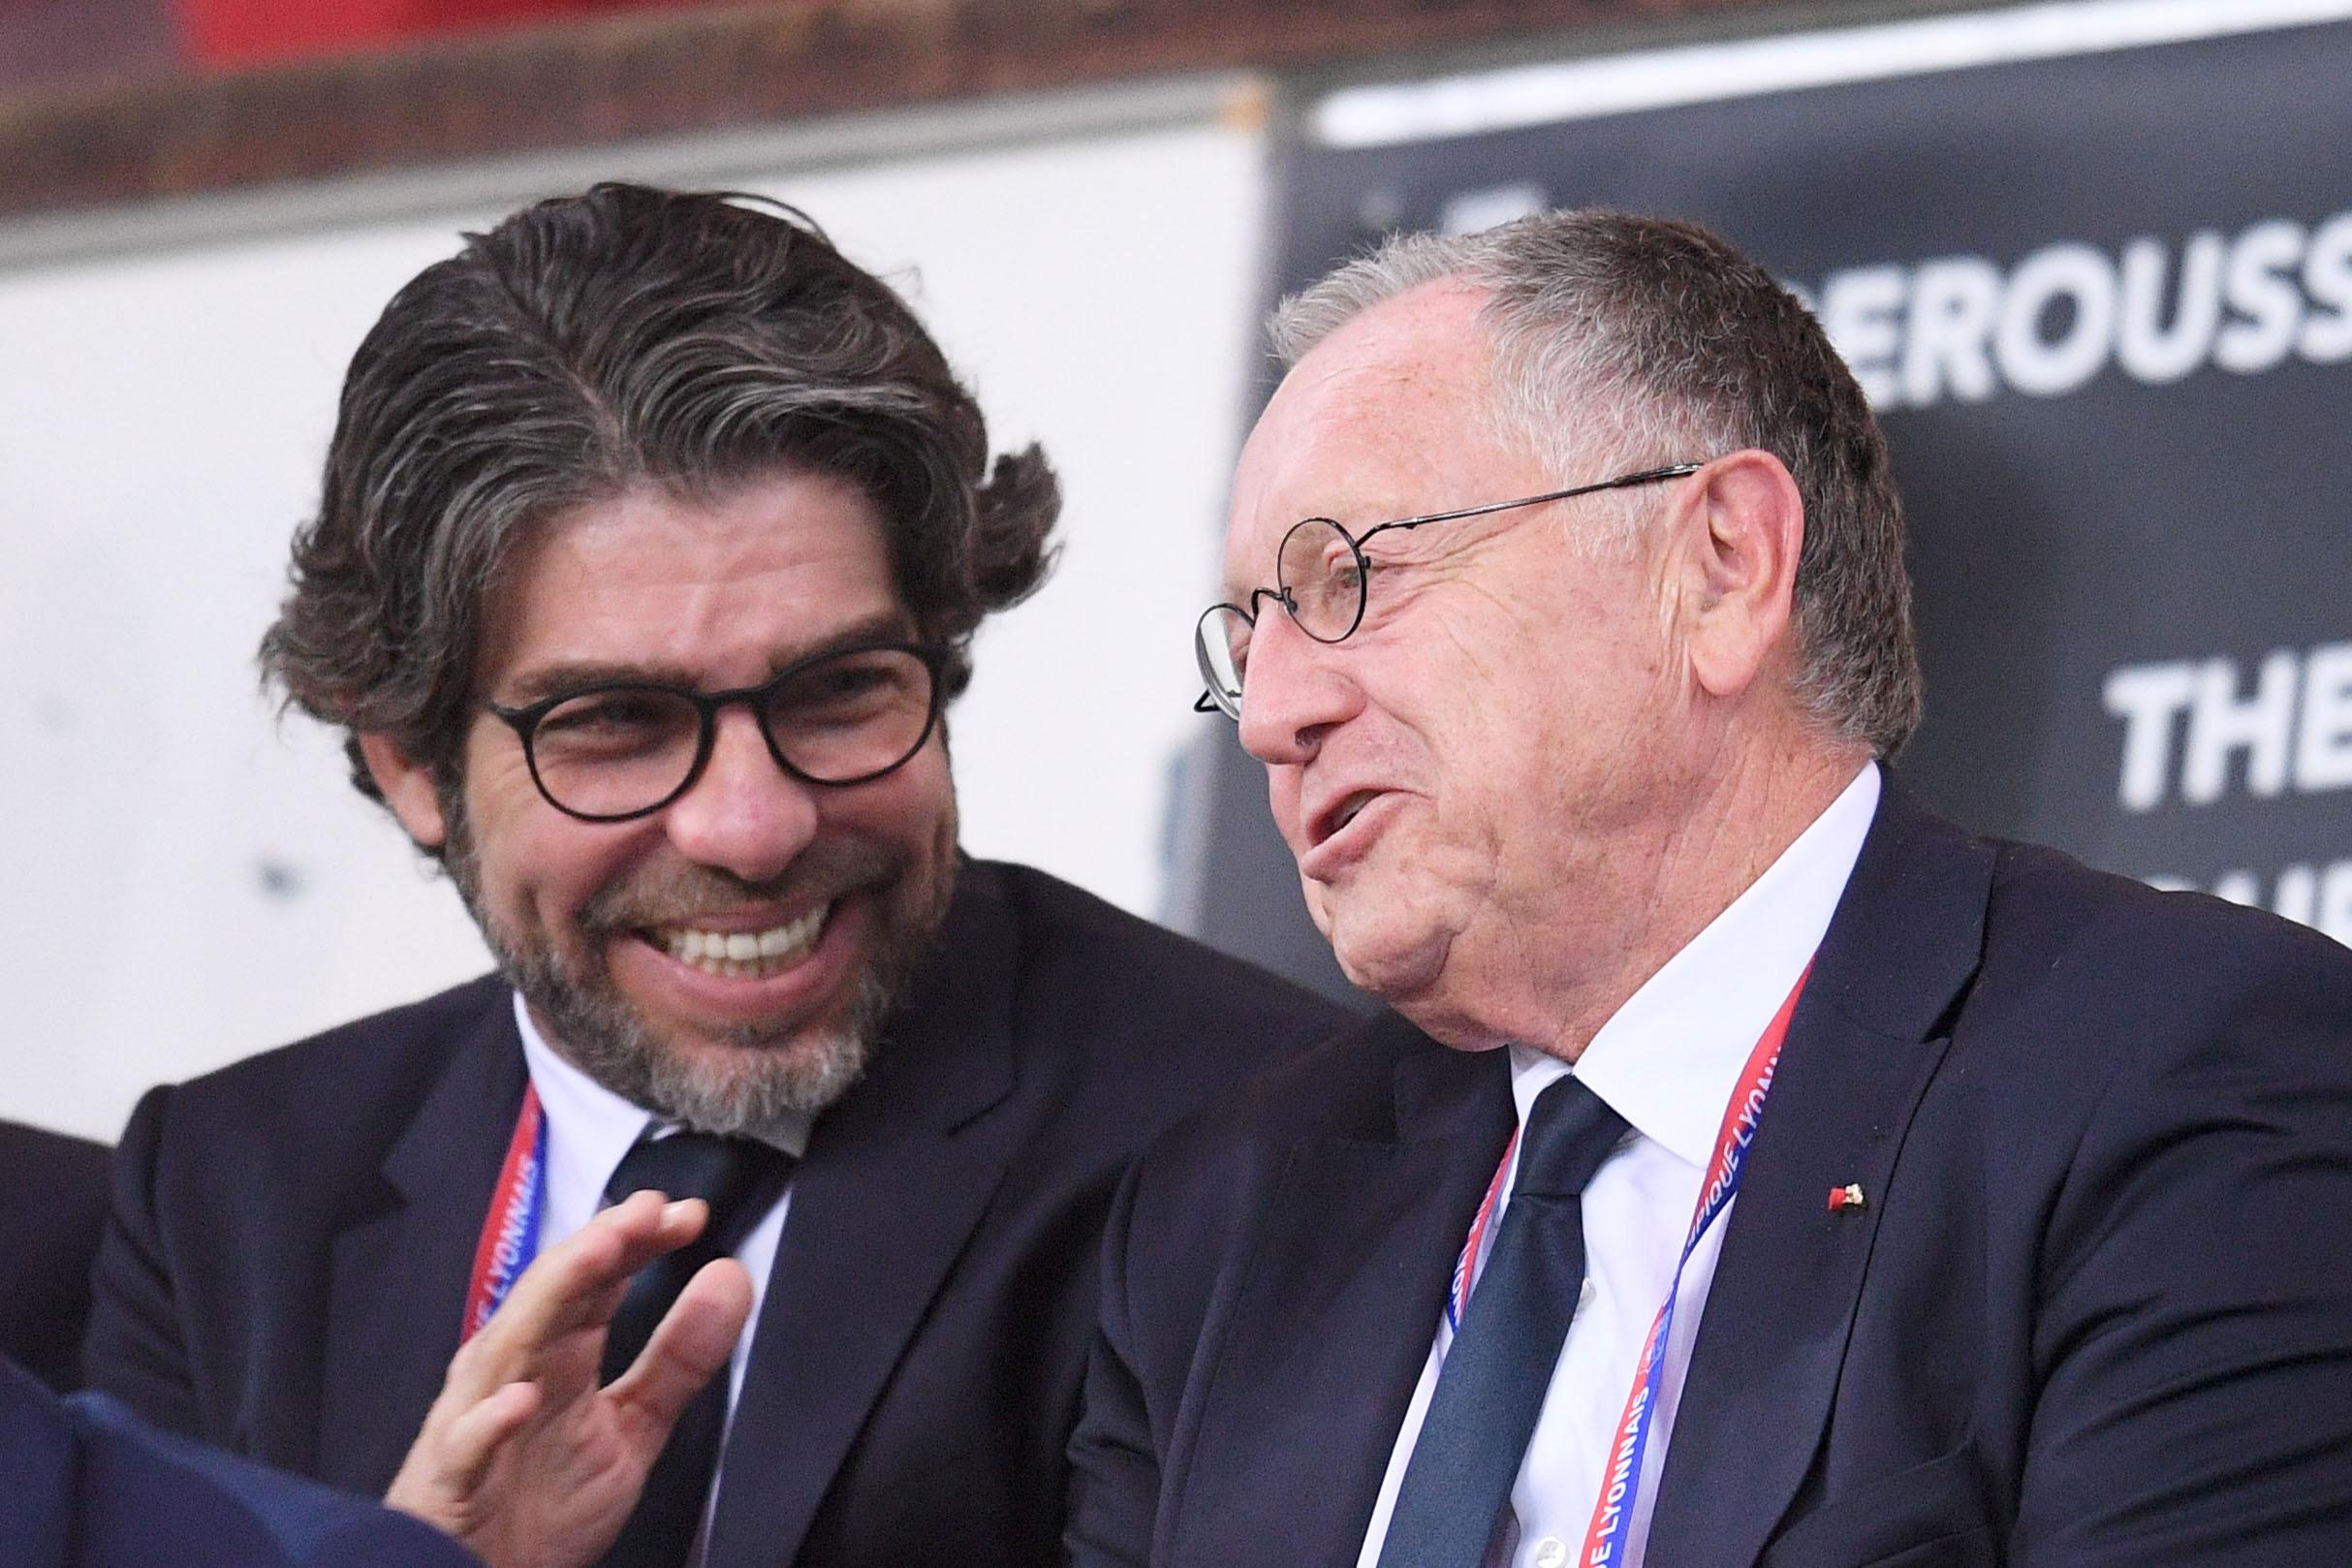 Football - Ligue 1 - L'OL regrette un «déferlement médiatique» après les propos de Jean-Michel Aulas